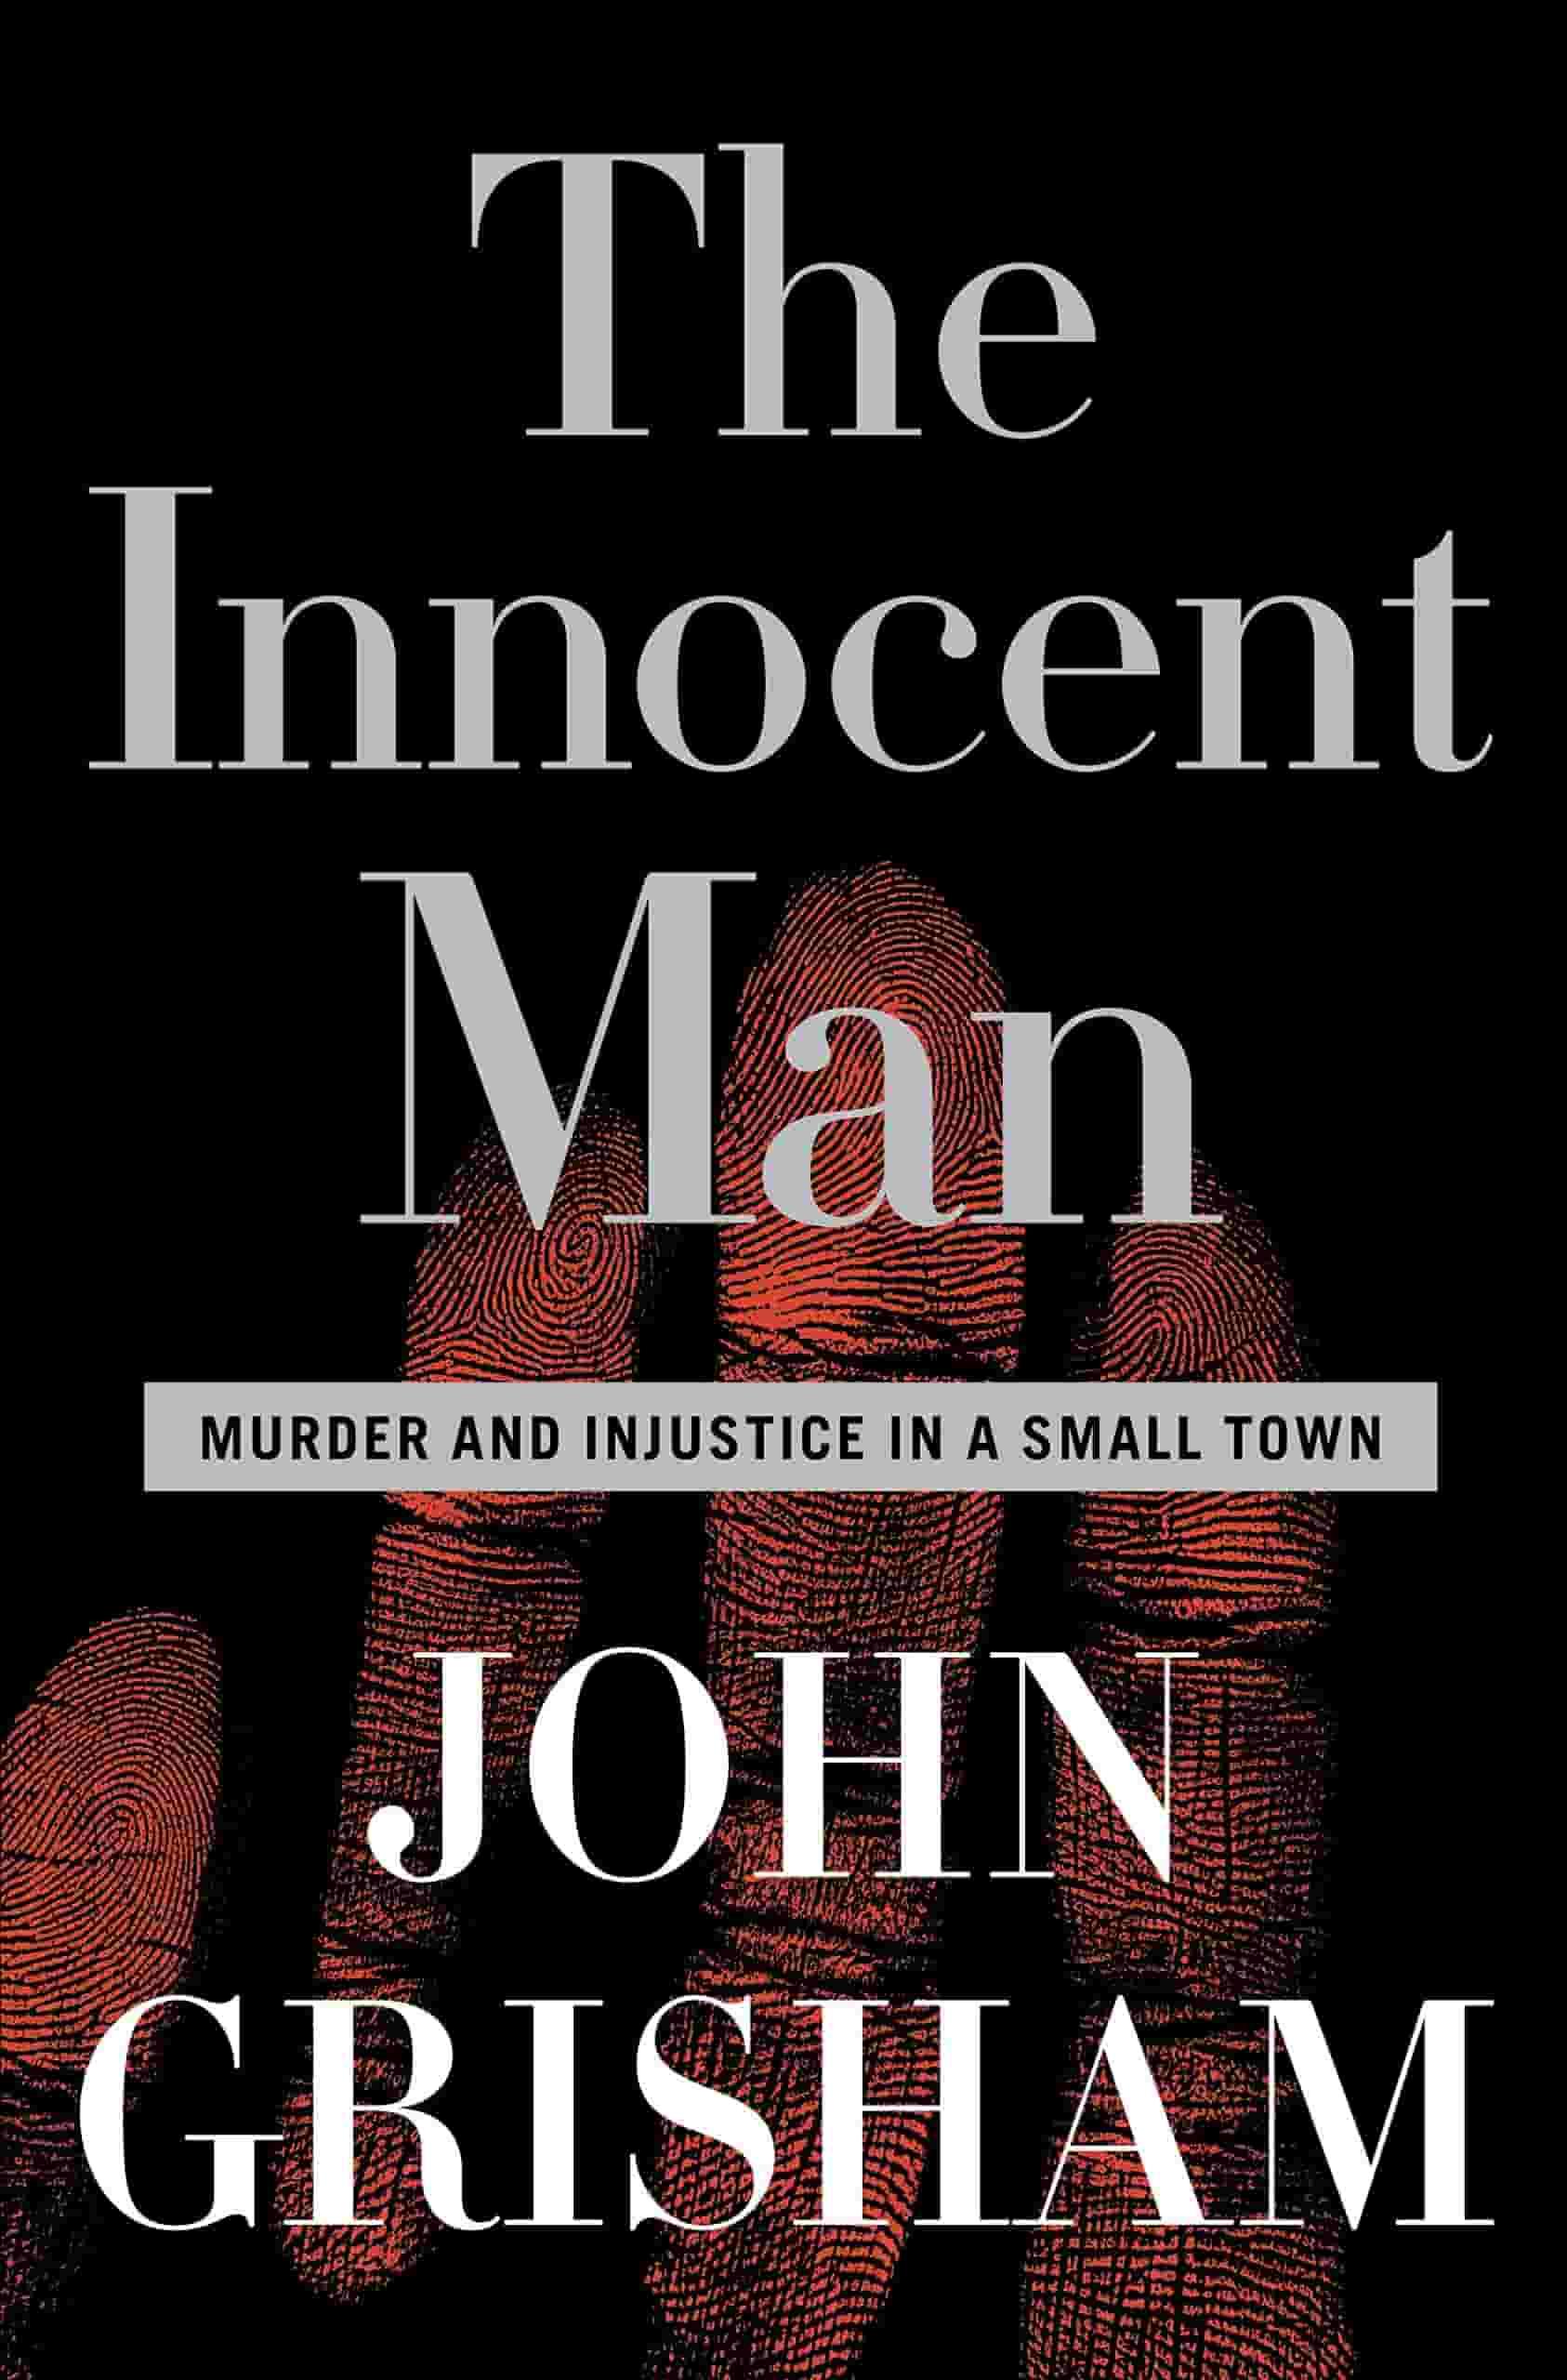 Recensione - The Innocent Man - Innocente - blog Il Biondino della Spider Rossa - Agenzia Corte&Media-min